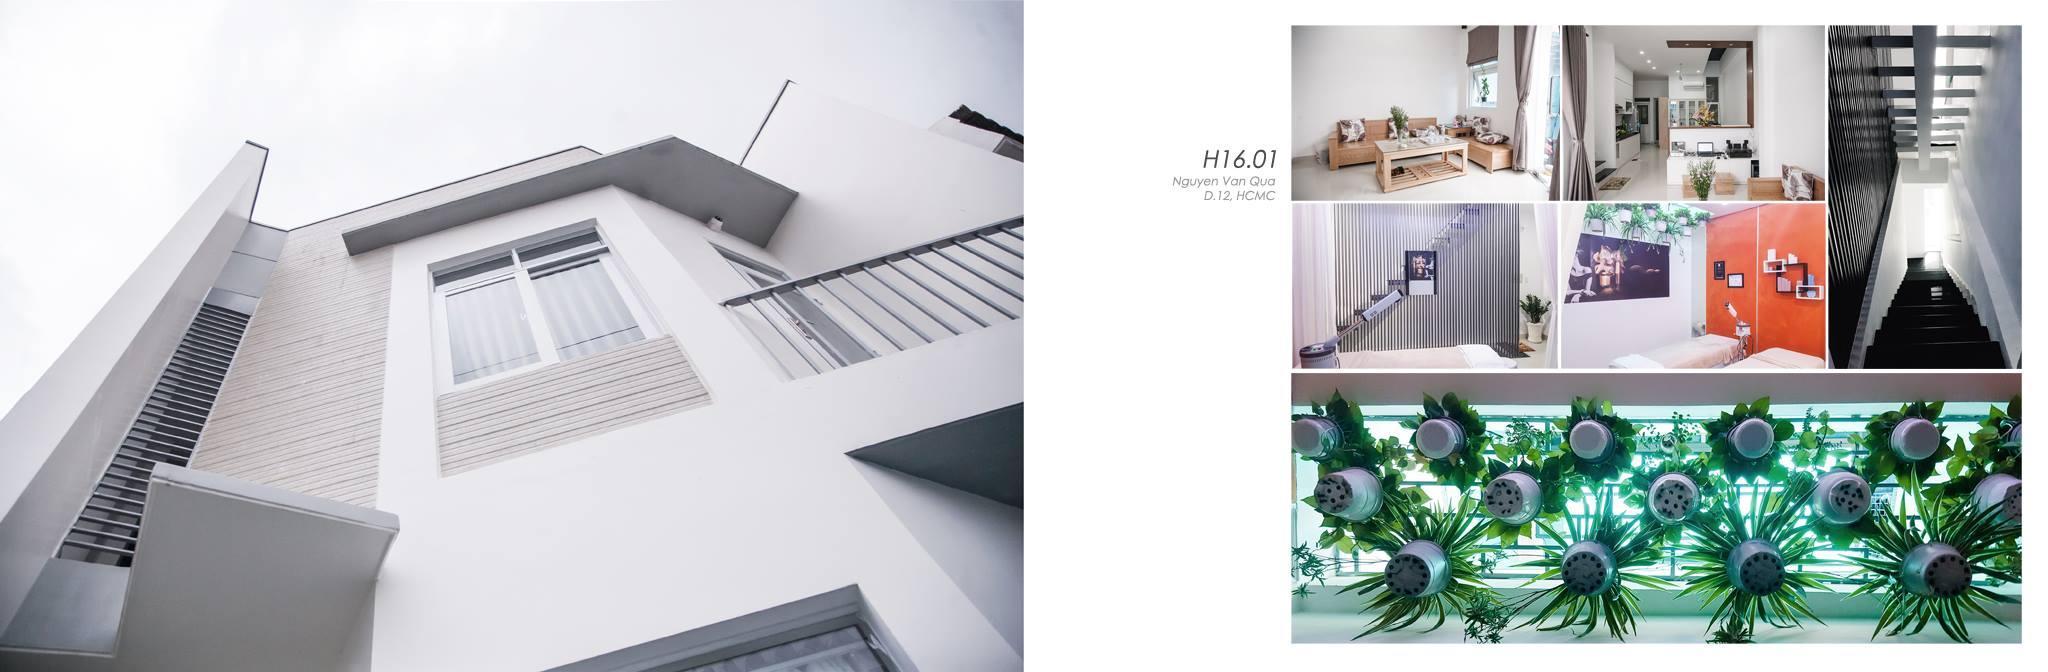 thiết kế Nhà 3 tầng tại Hồ Chí Minh H16.01 House 0 1555559678